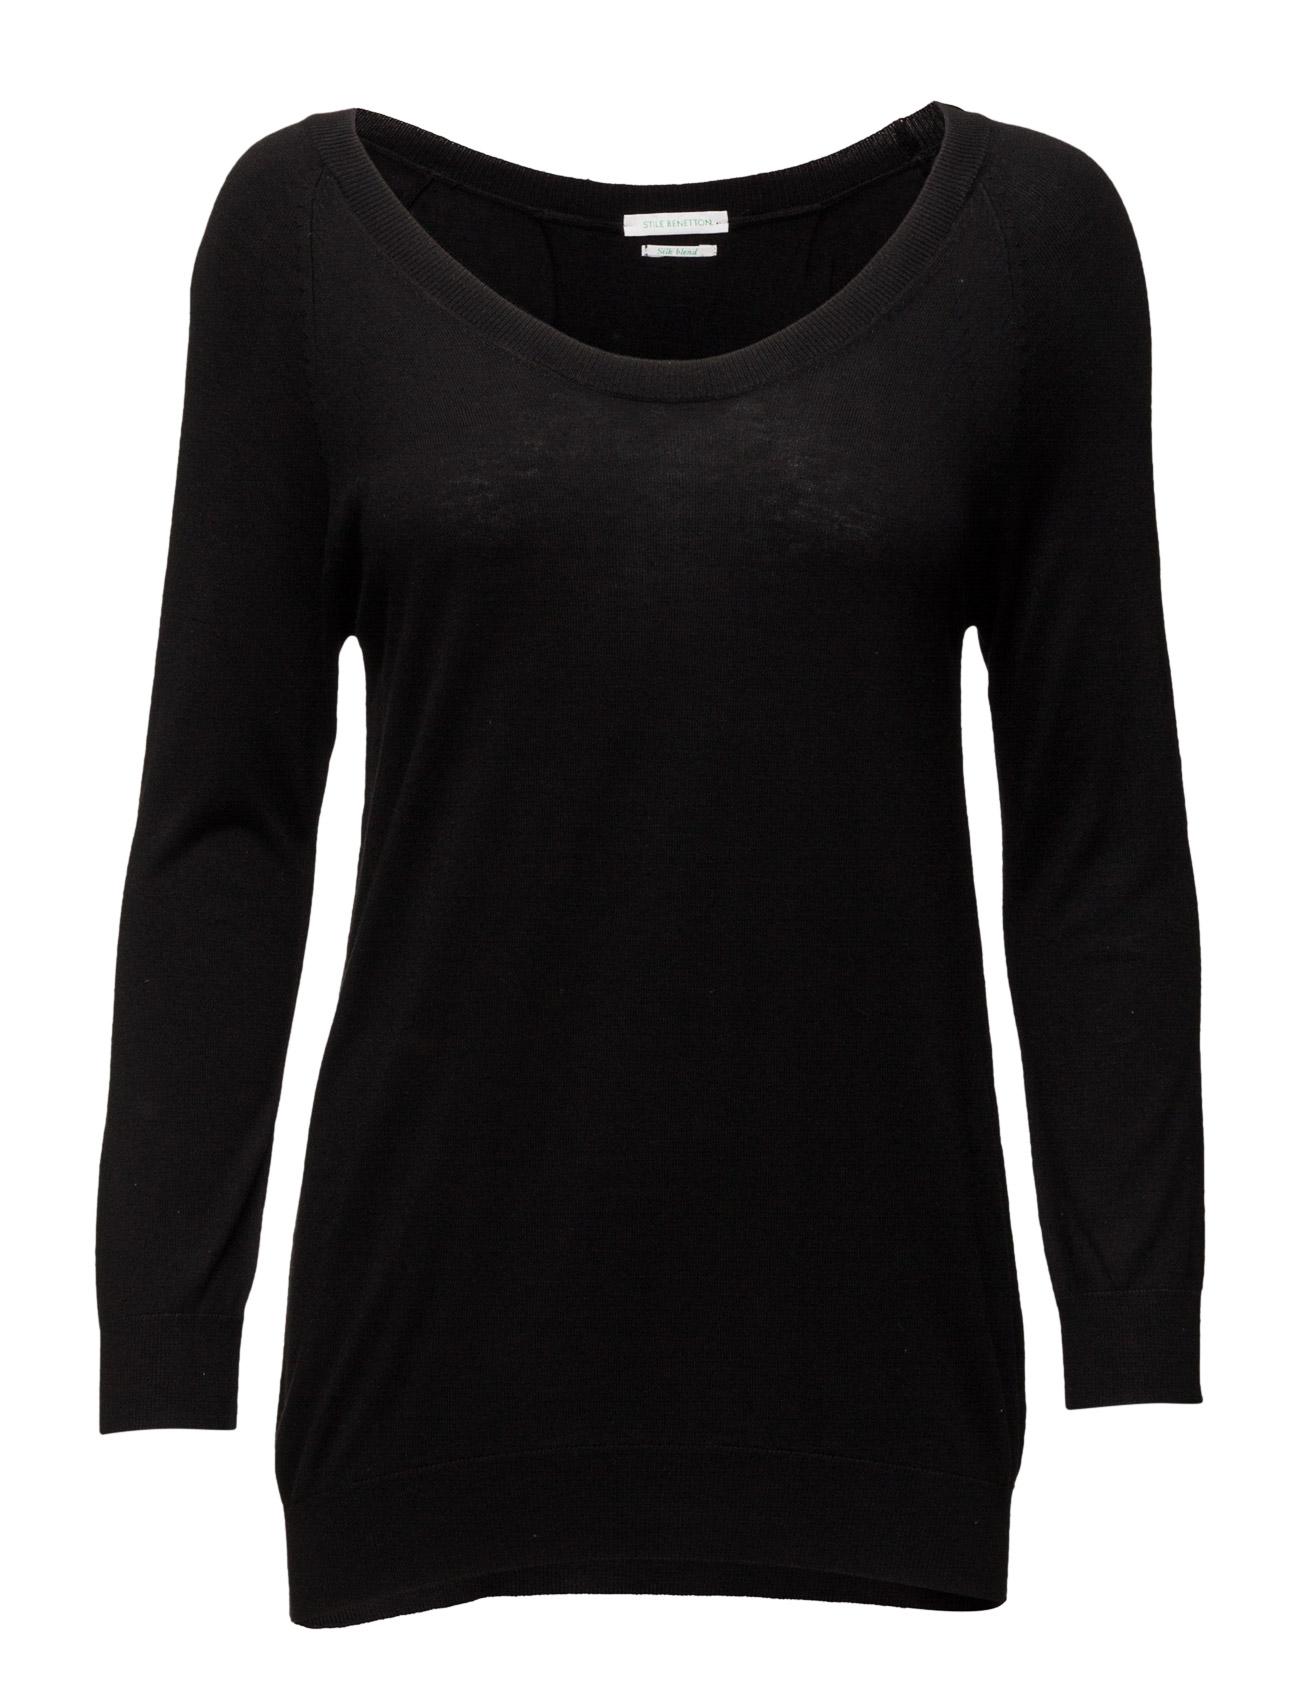 V Neck Sweater L/S United Colors of Benetton Sweatshirts til Damer i Sort